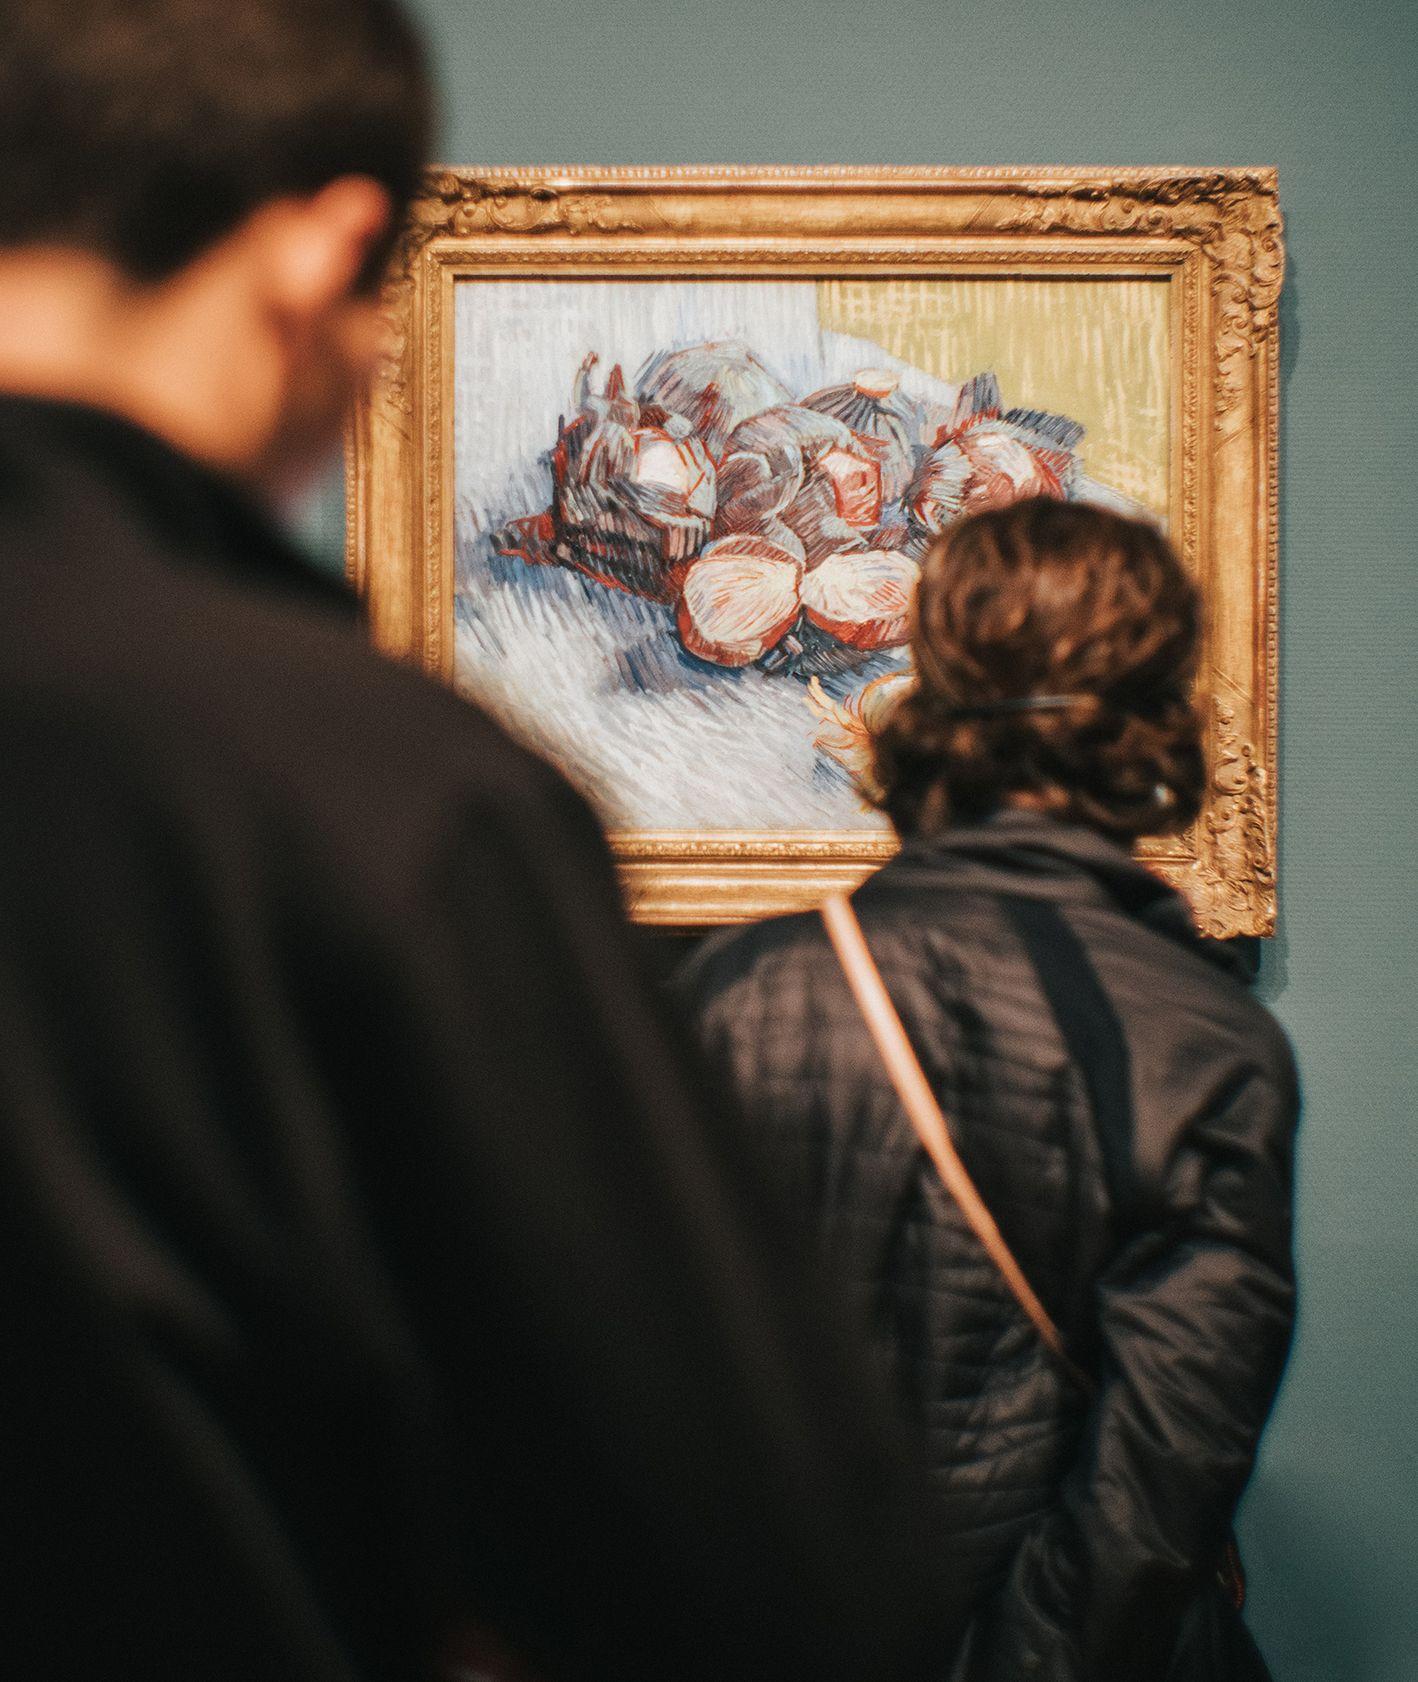 Walentynki w muzeum. Para w muzeum (fot. Jean Carlo Emer / unsplash.com)